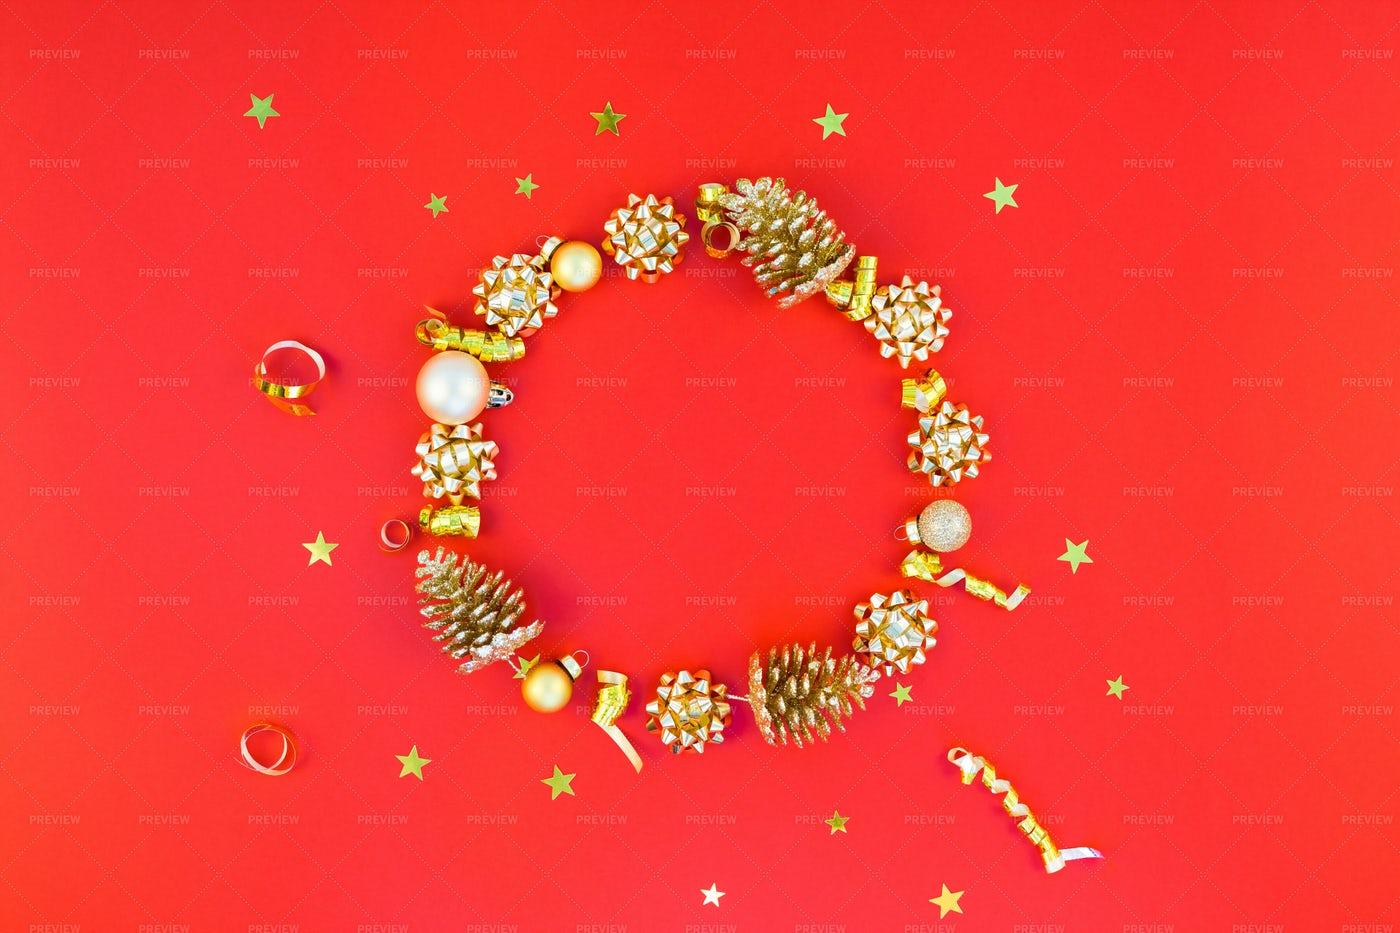 Christmas Golden Wreath Frame: Stock Photos